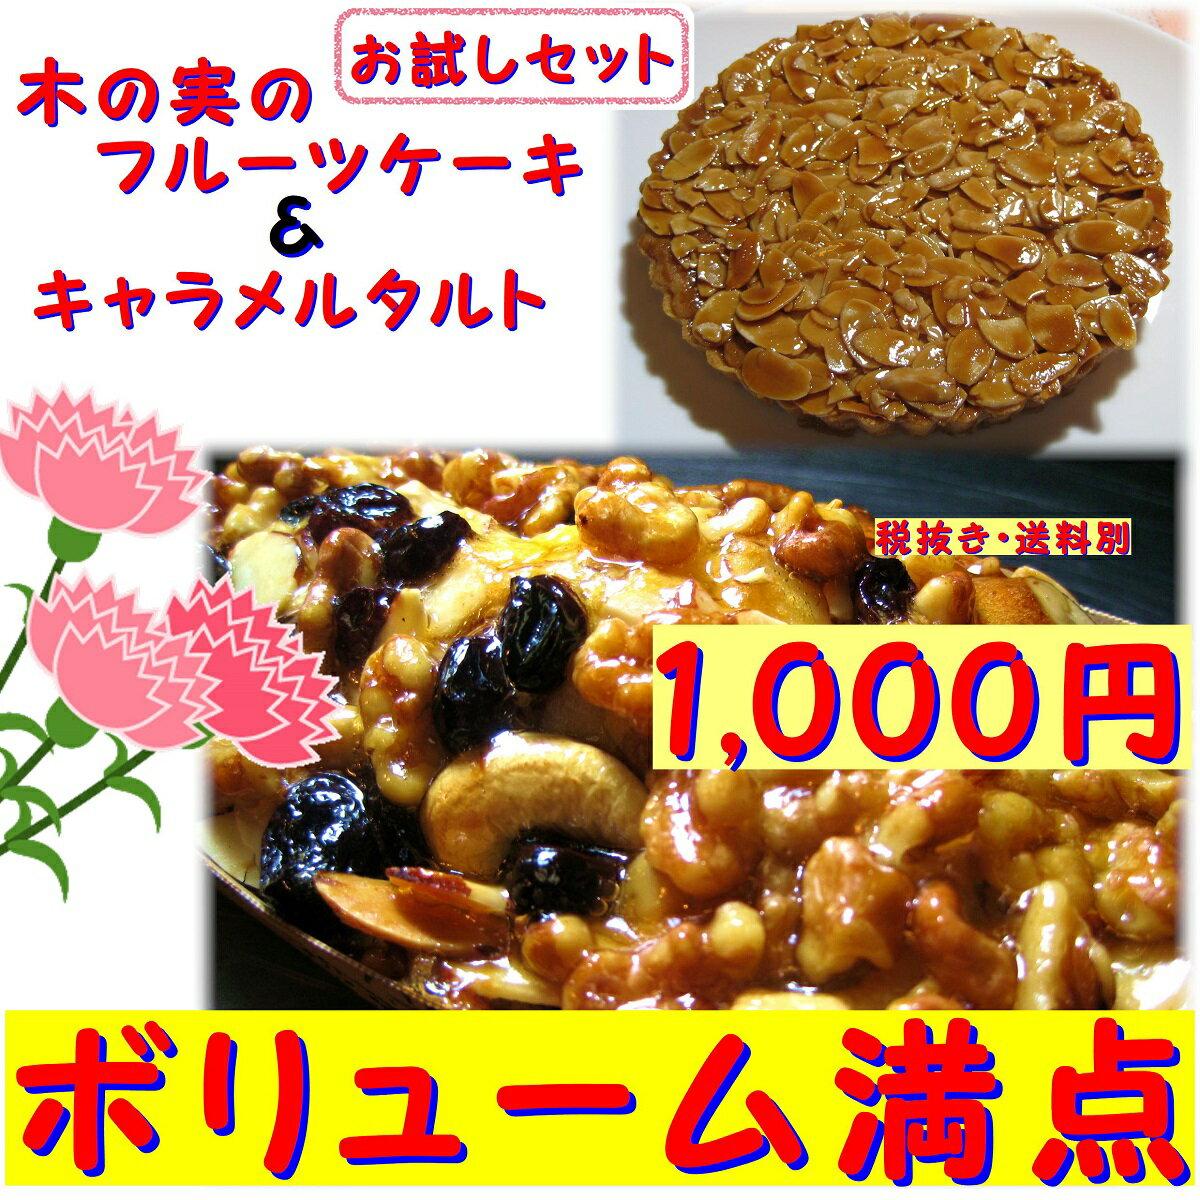 「木の実のフルーツケーキ」と「キャラメルタルト」のお試しセット【パウンドケーキ】母の日に